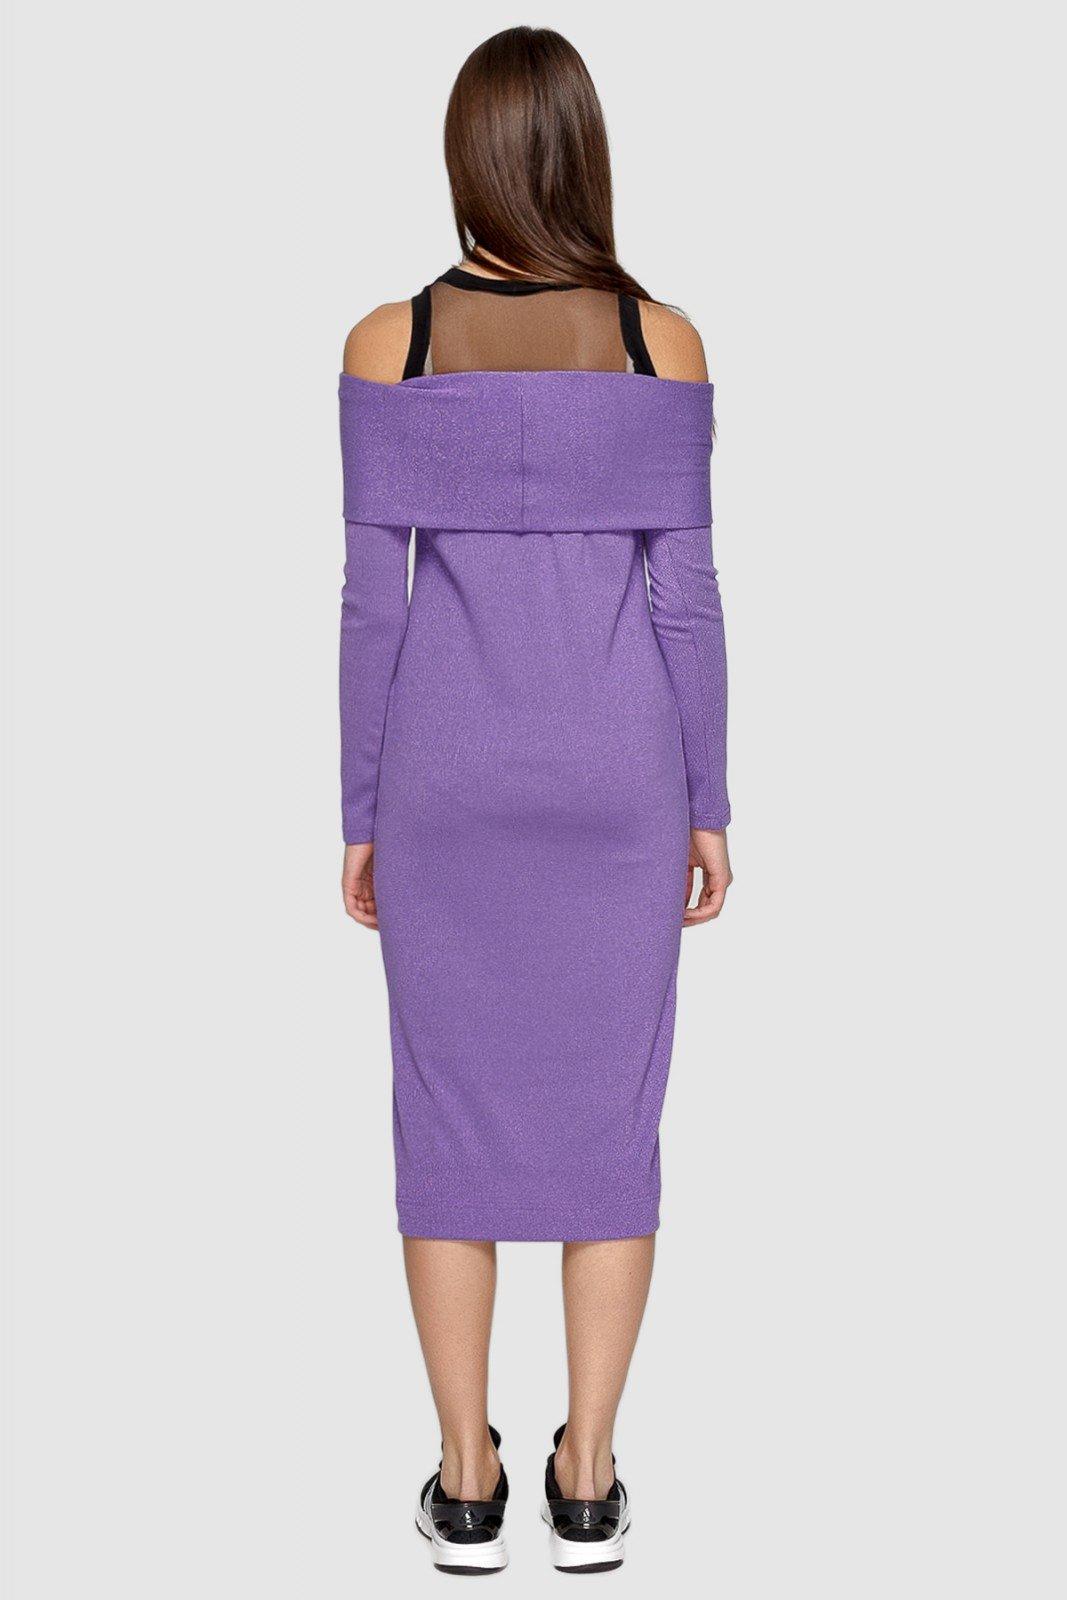 Сукня Вікторія